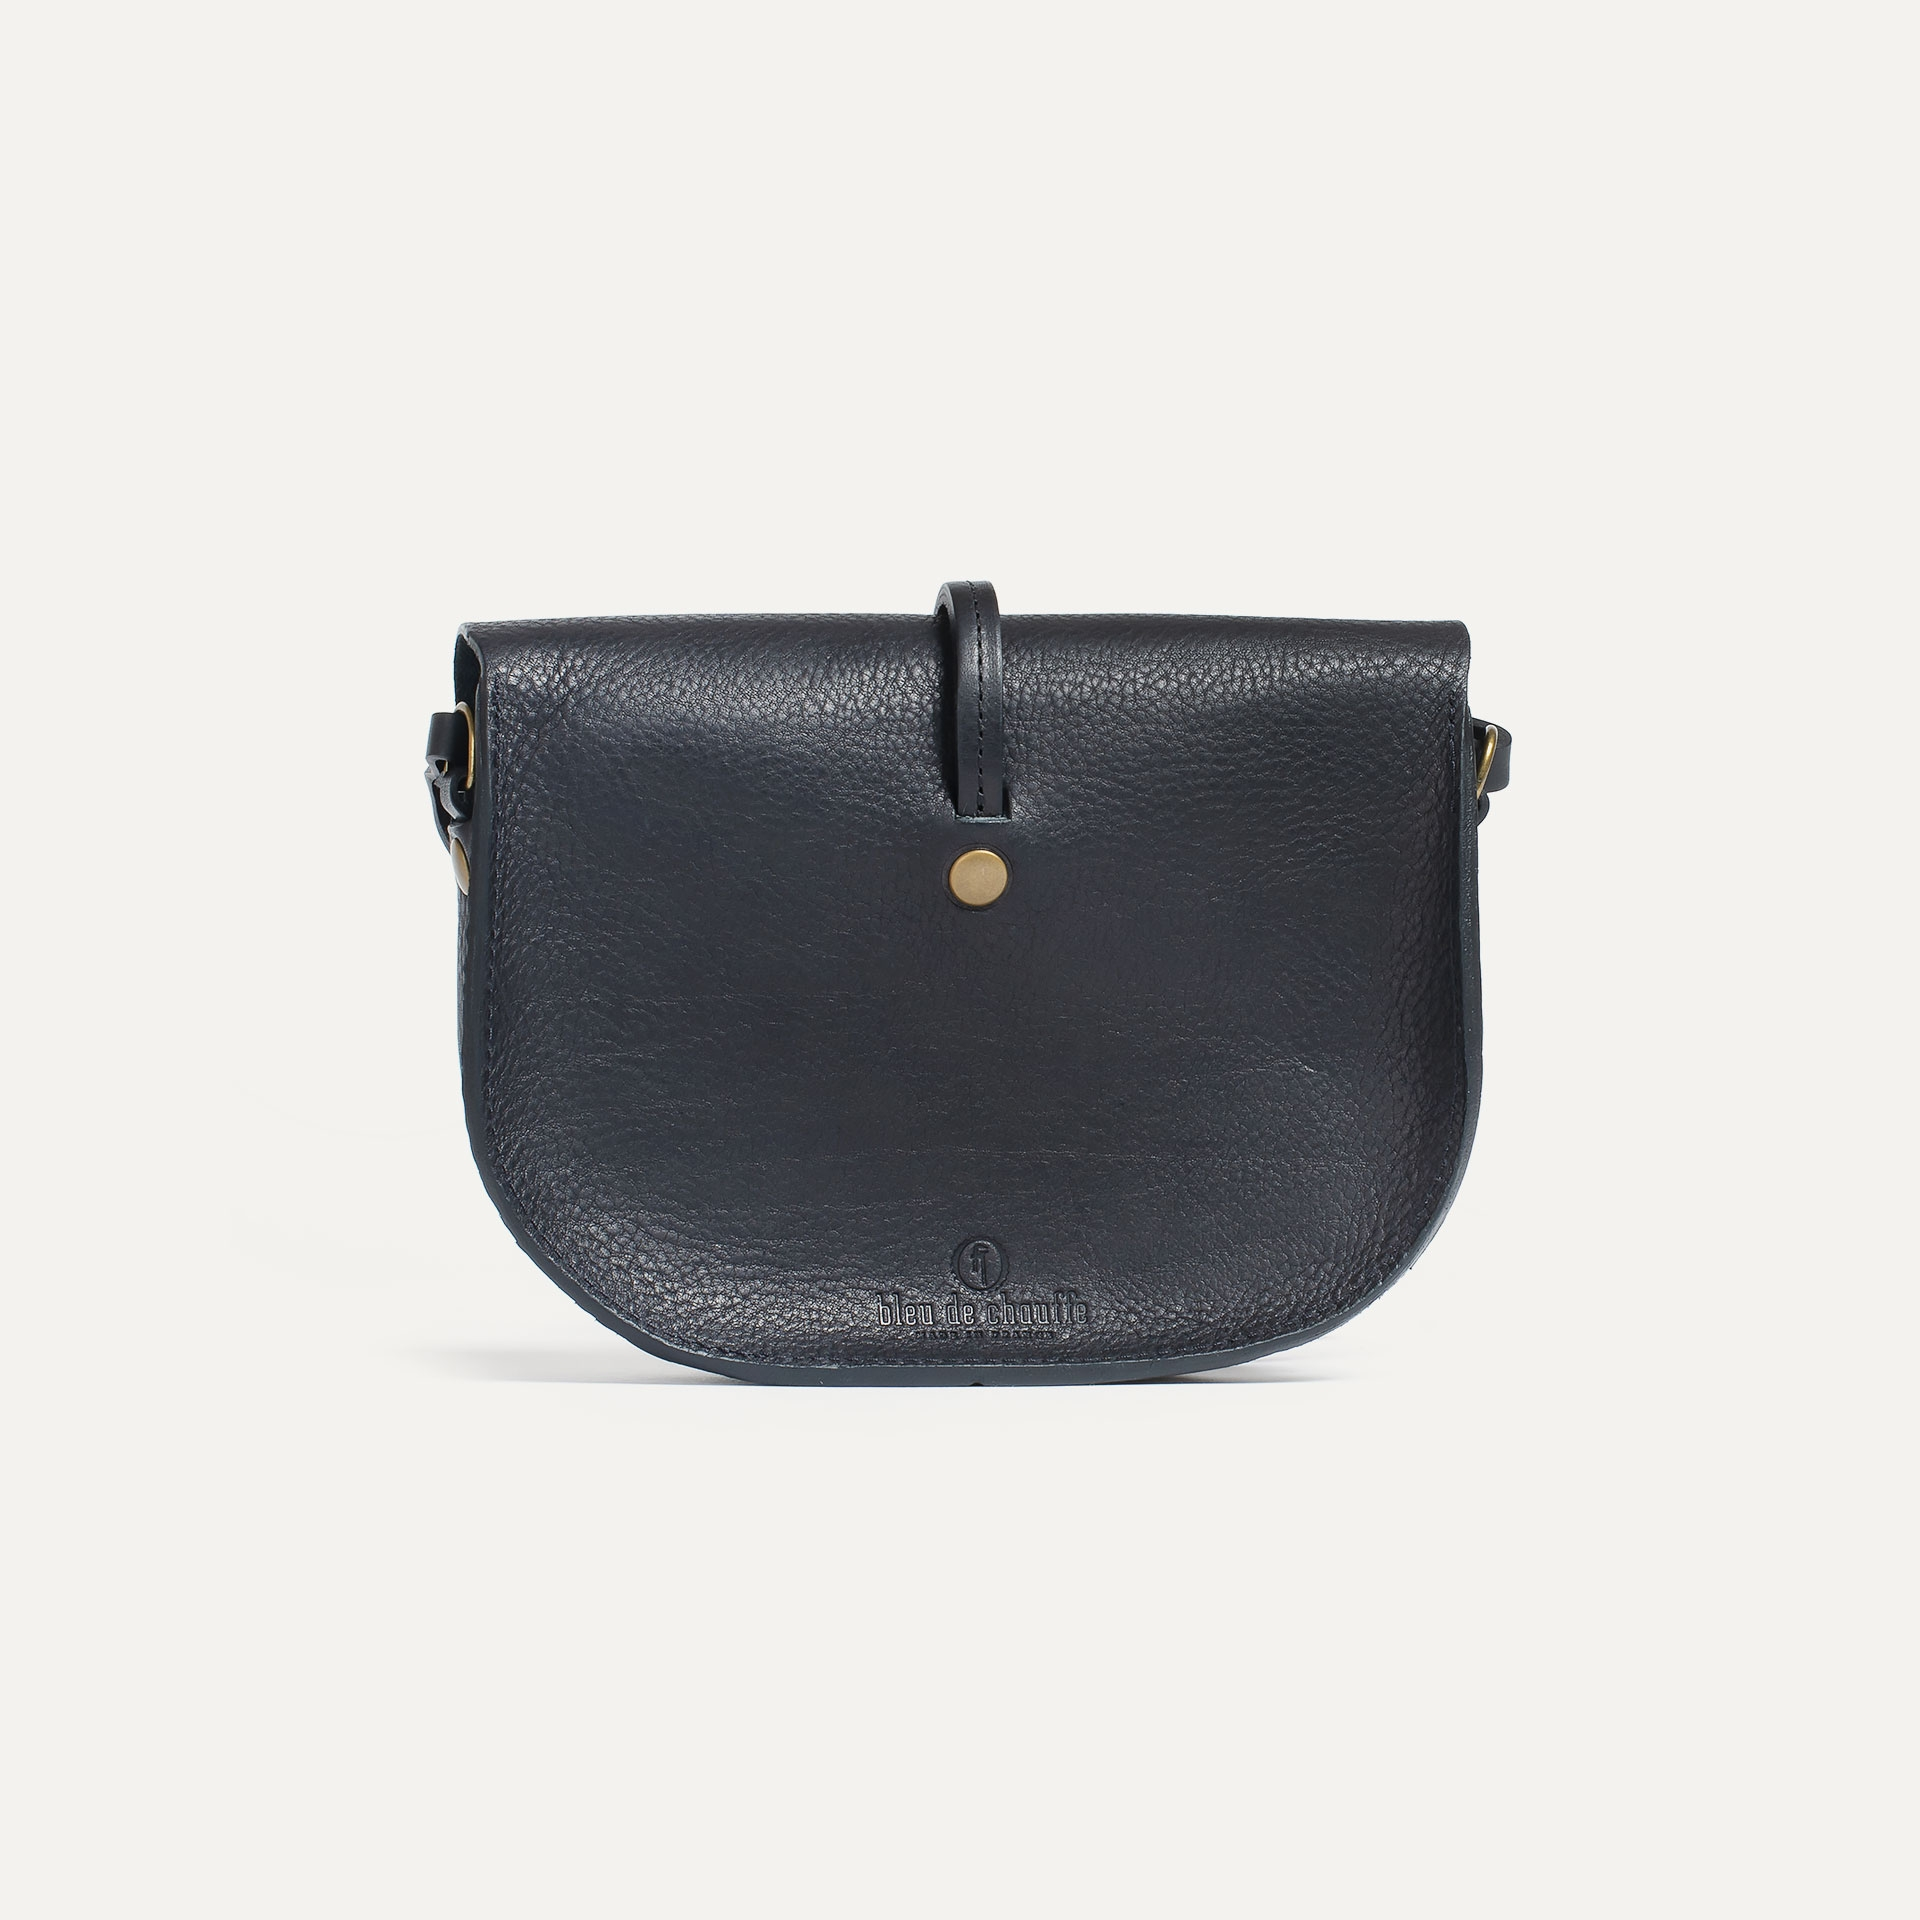 Mini sac postier Java - Noir (image n°3)